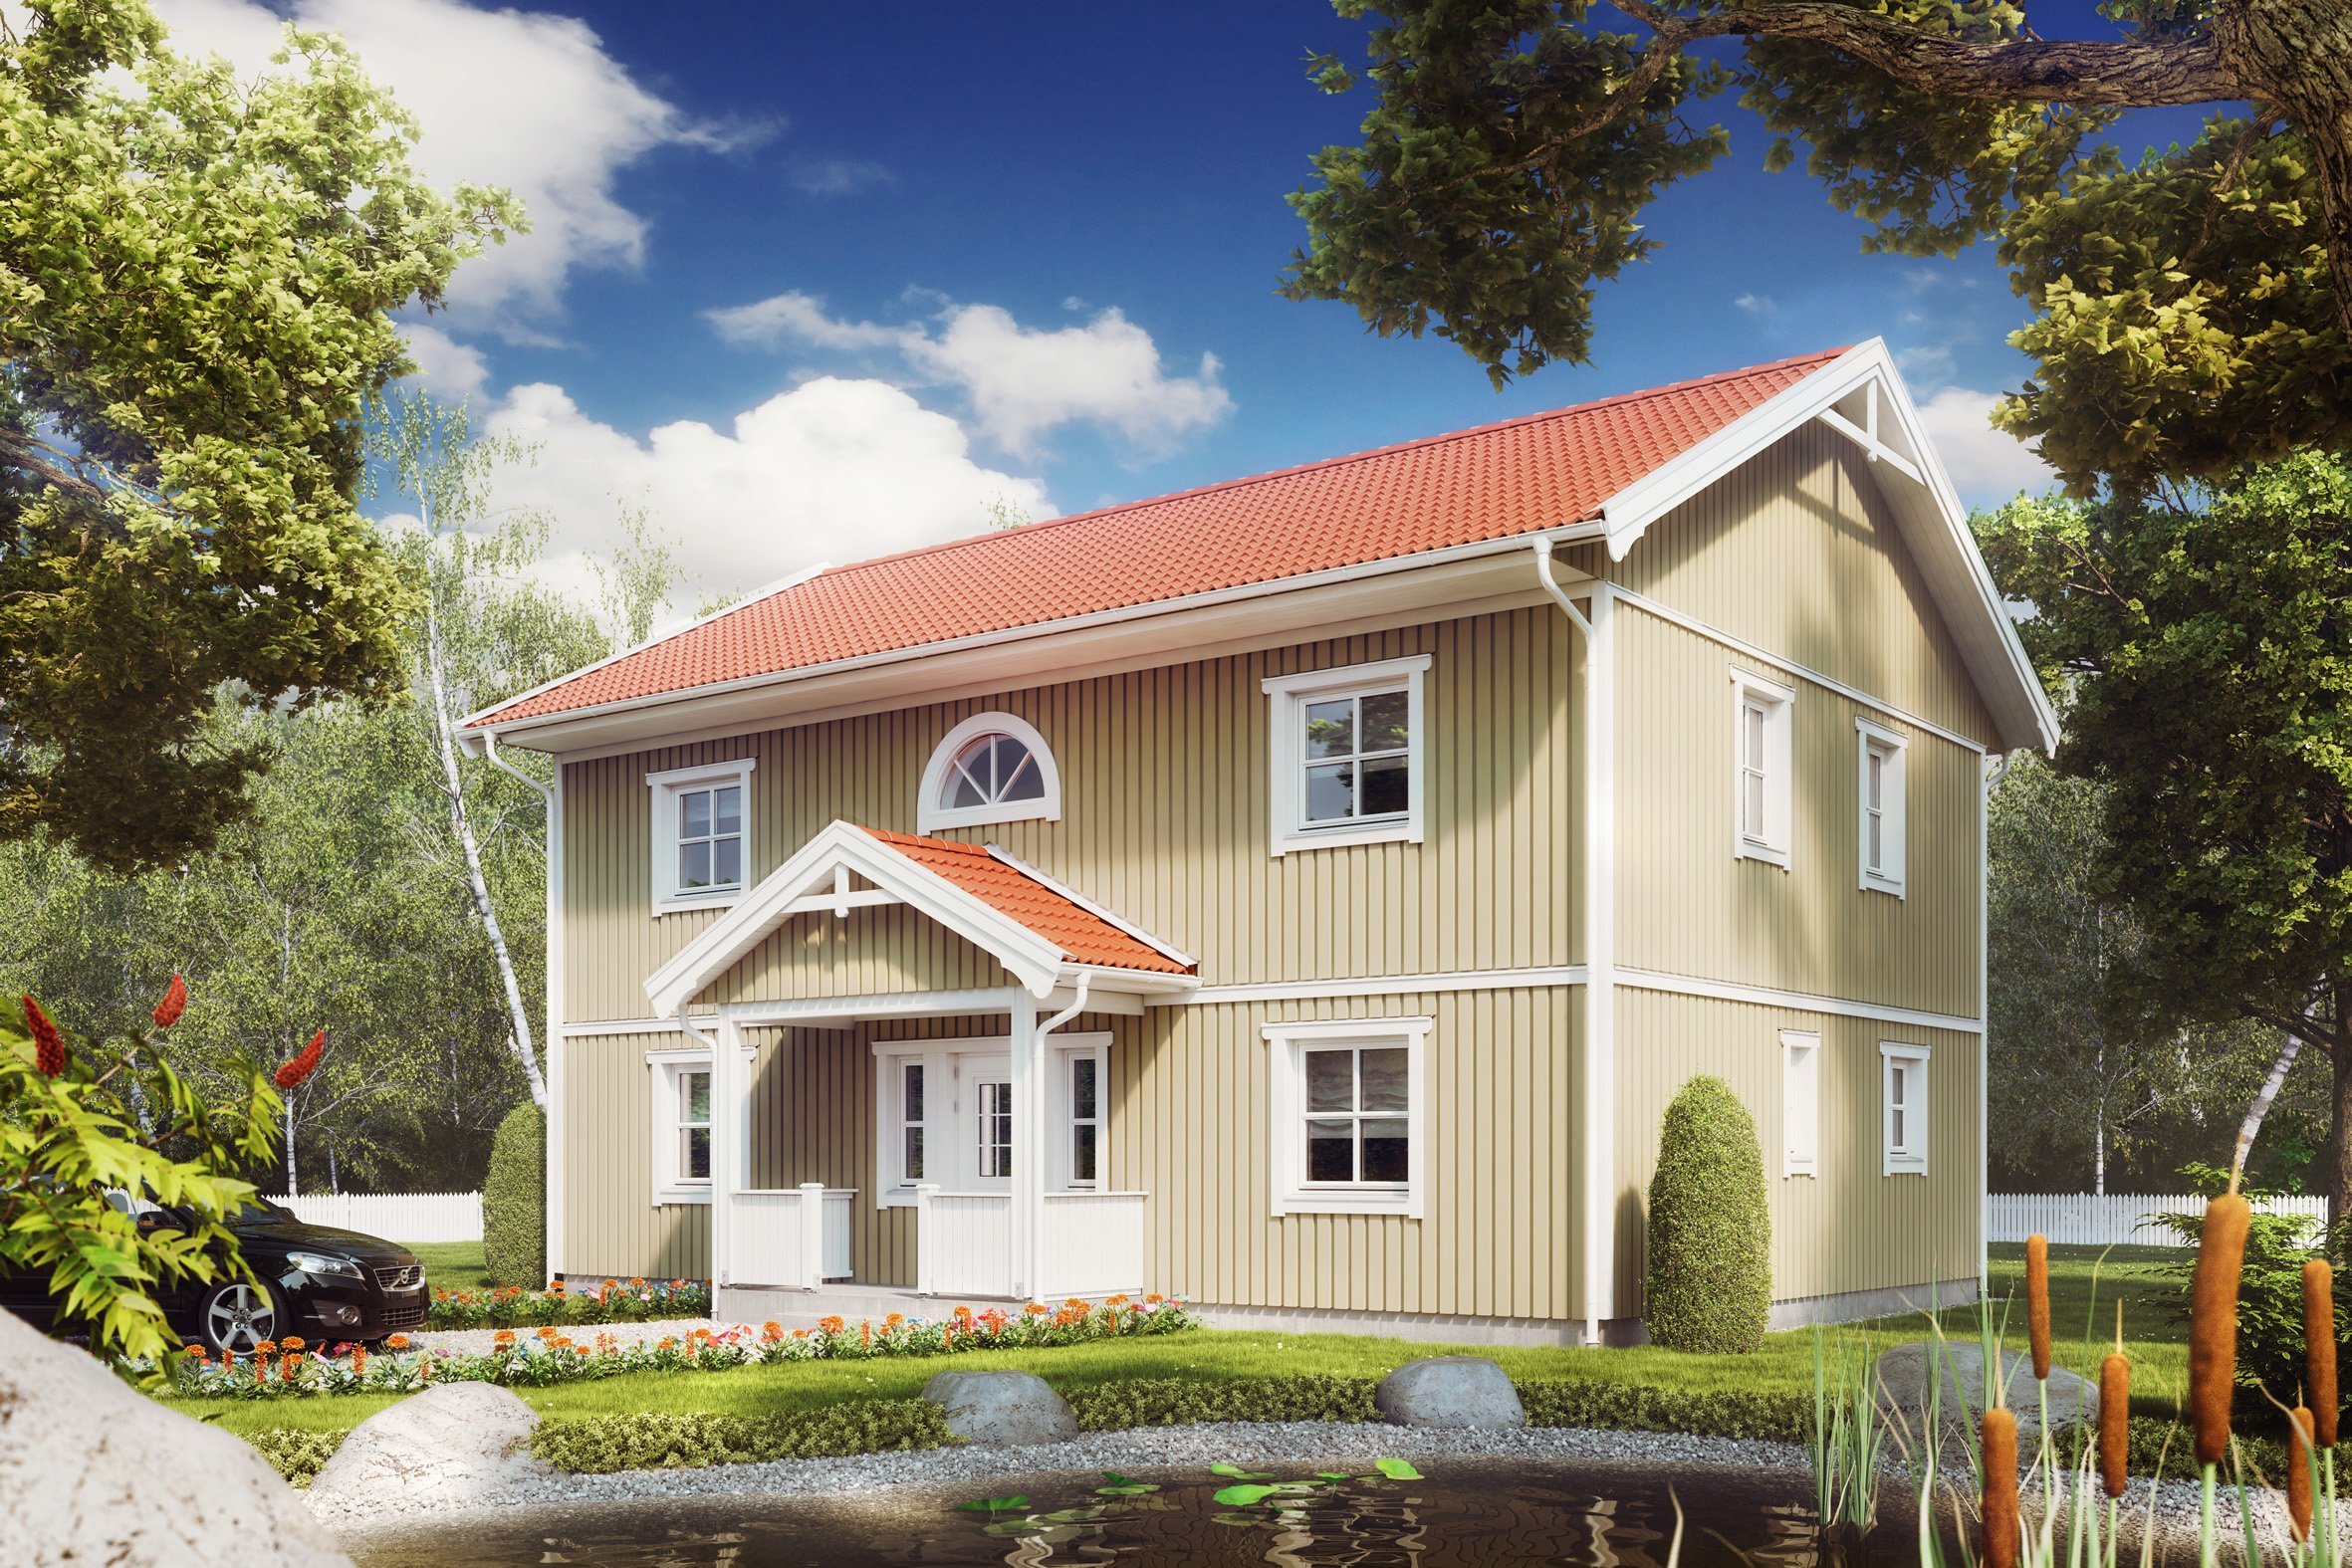 Ansicht des Hauses von ALADOMO Schwedenhaus GmbH & Co. KG